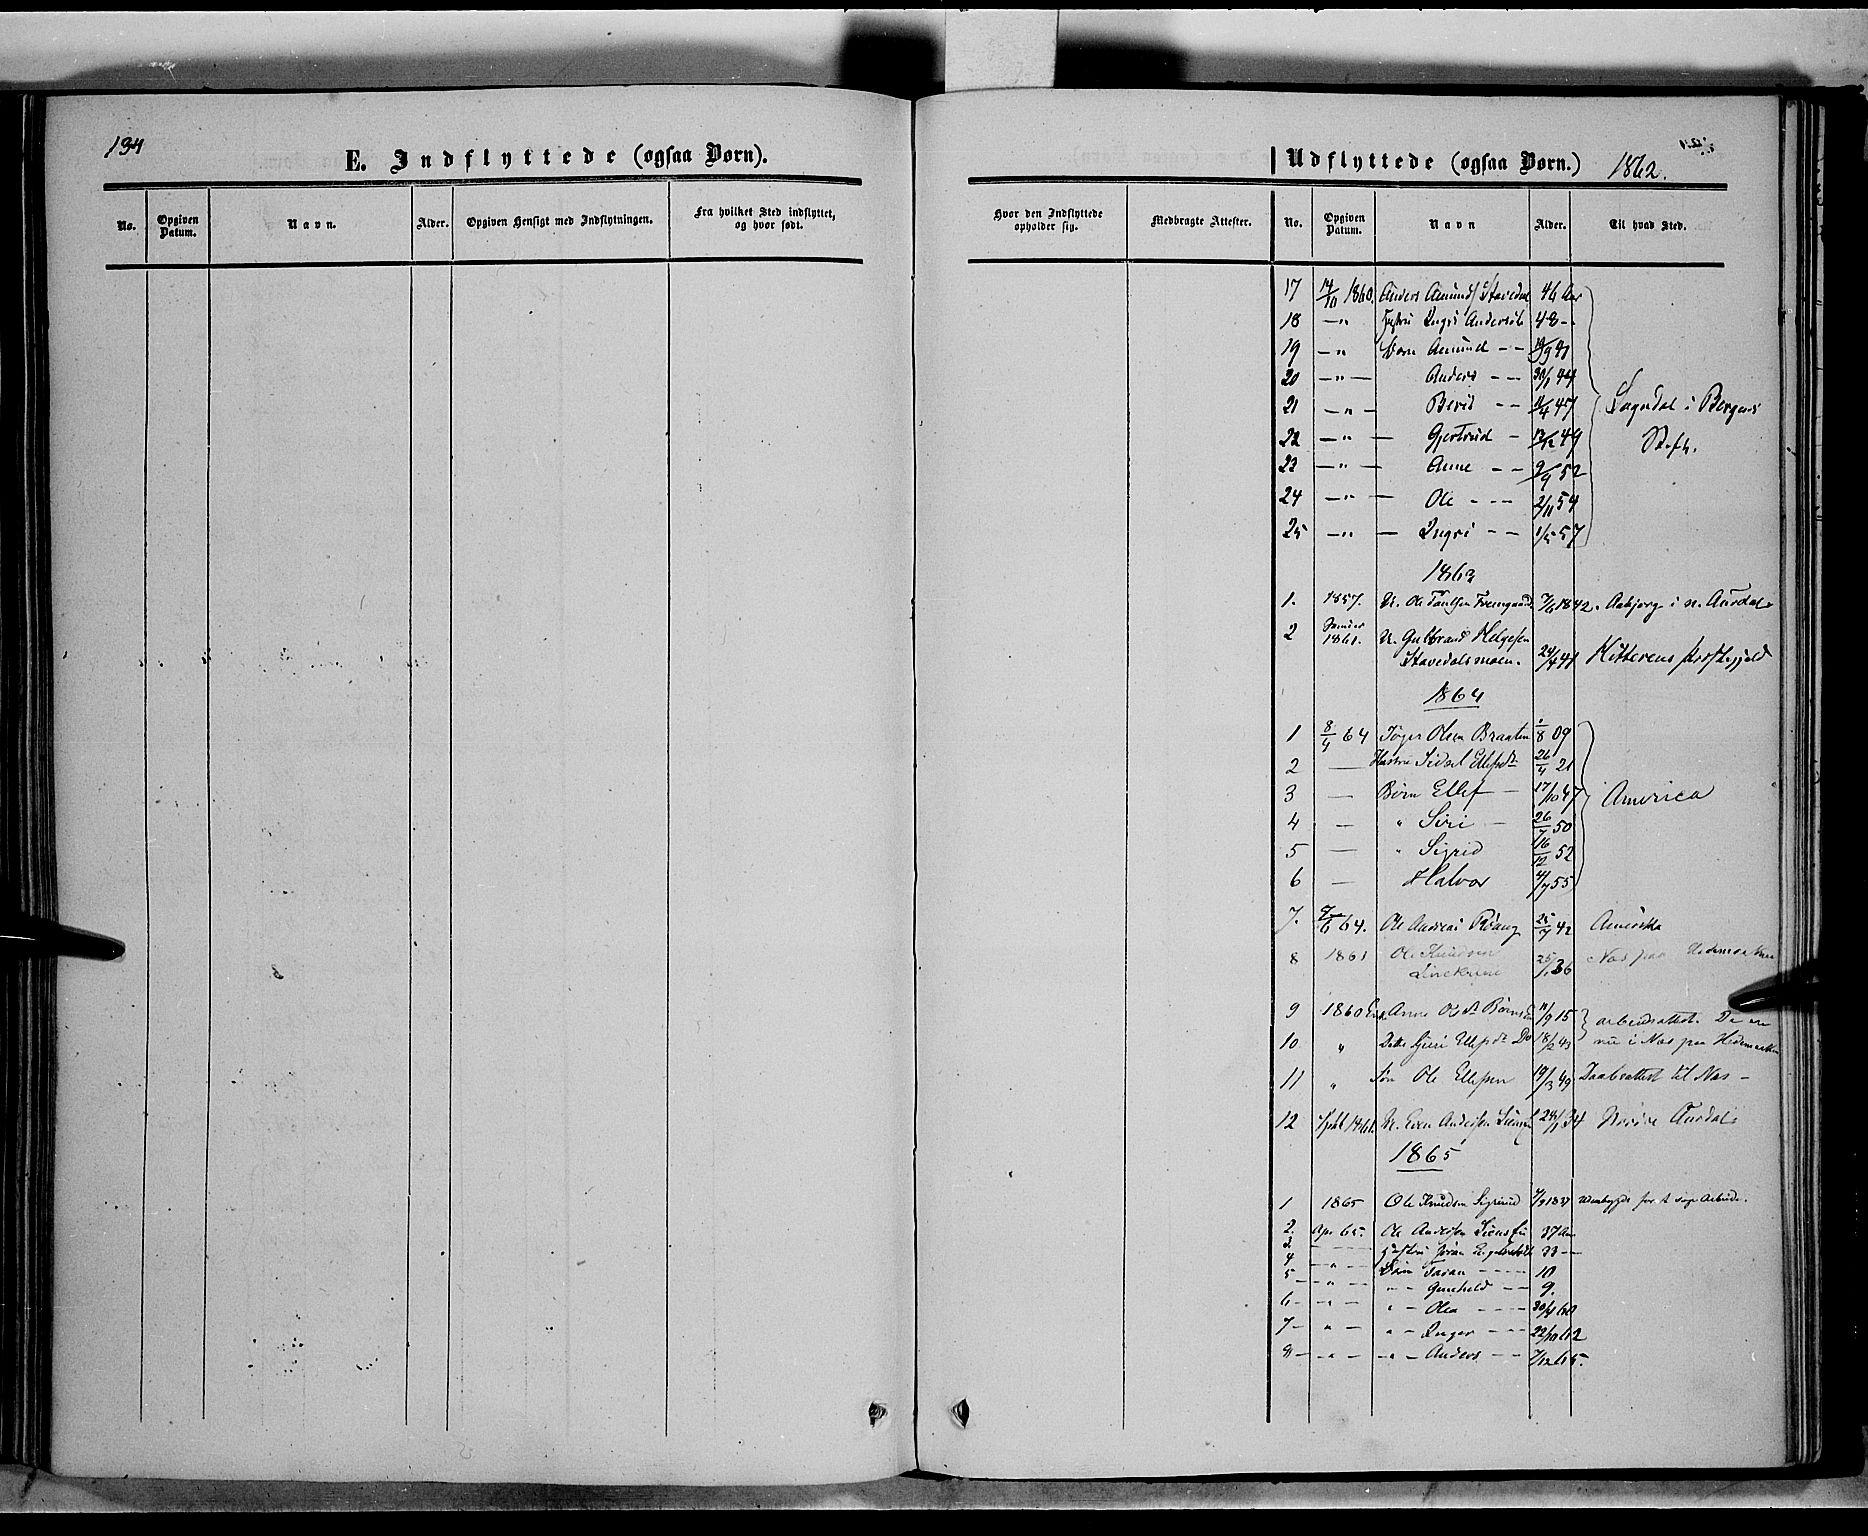 SAH, Sør-Aurdal prestekontor, Ministerialbok nr. 6, 1849-1876, s. 134